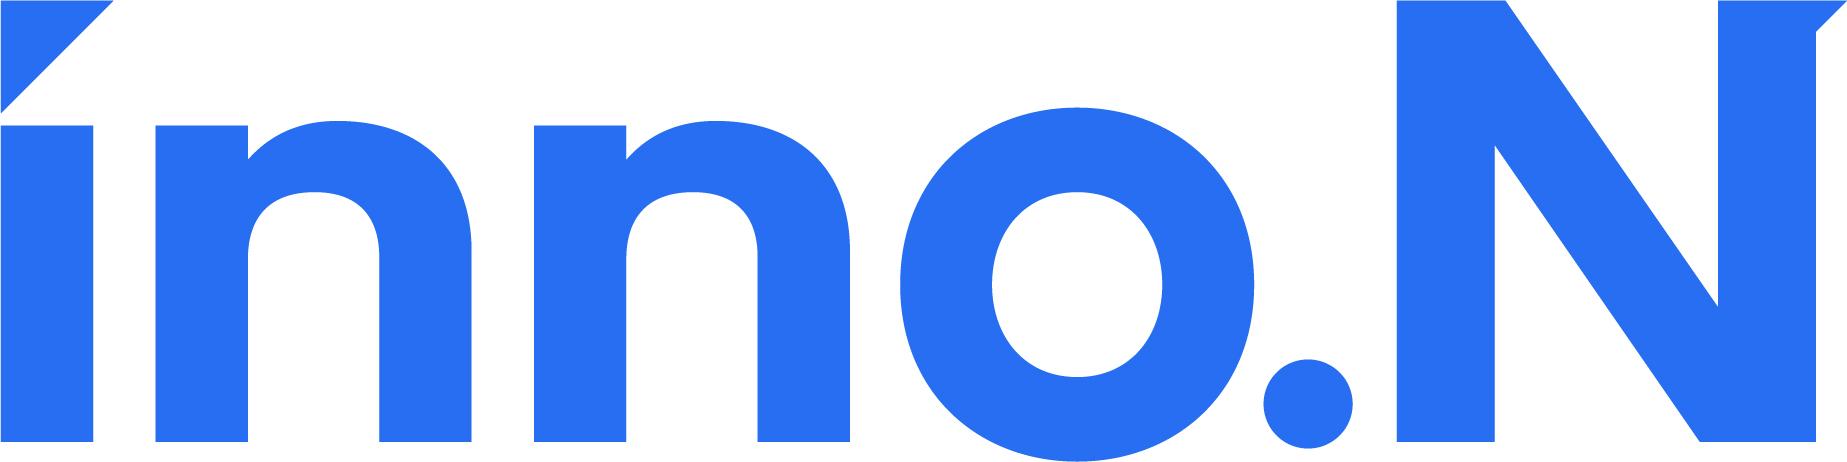 한국콜마홀딩스의 계열사 에이치케이이노엔(주)의 로고